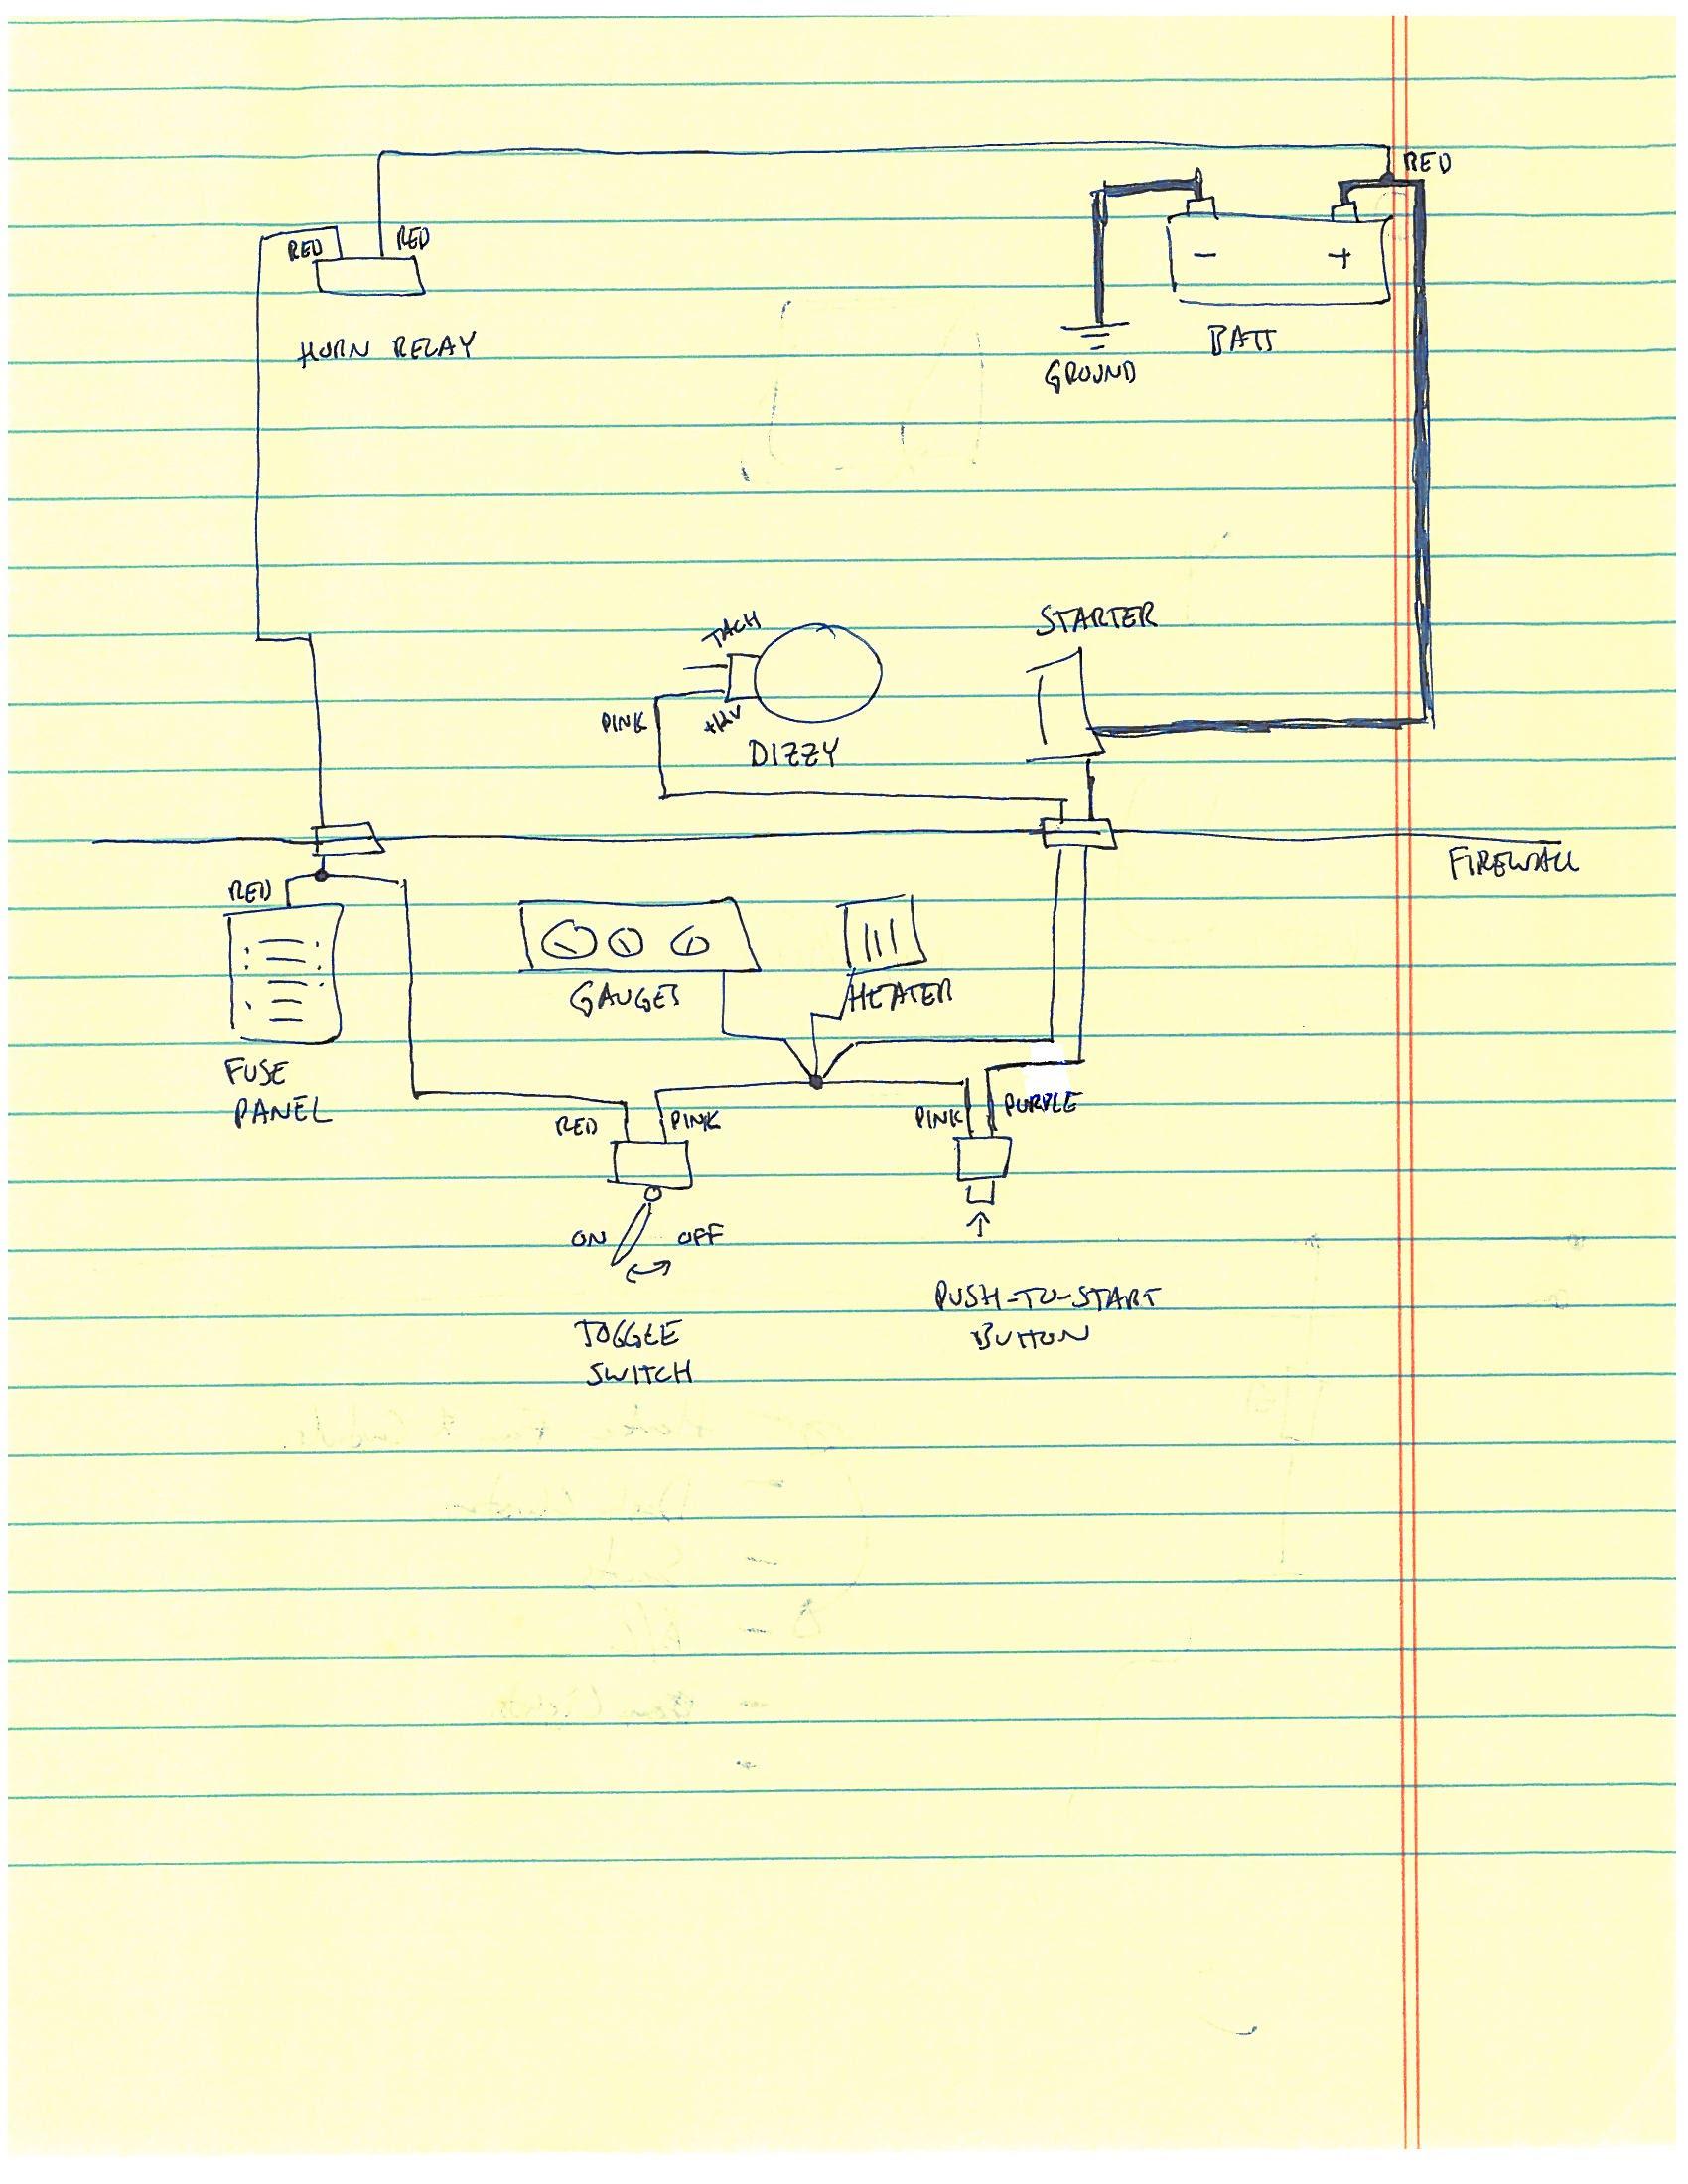 1968 Chevy Impala Wiring Diagram Schematic Wiring Diagram Verison Verison Lastanzadeltempo It